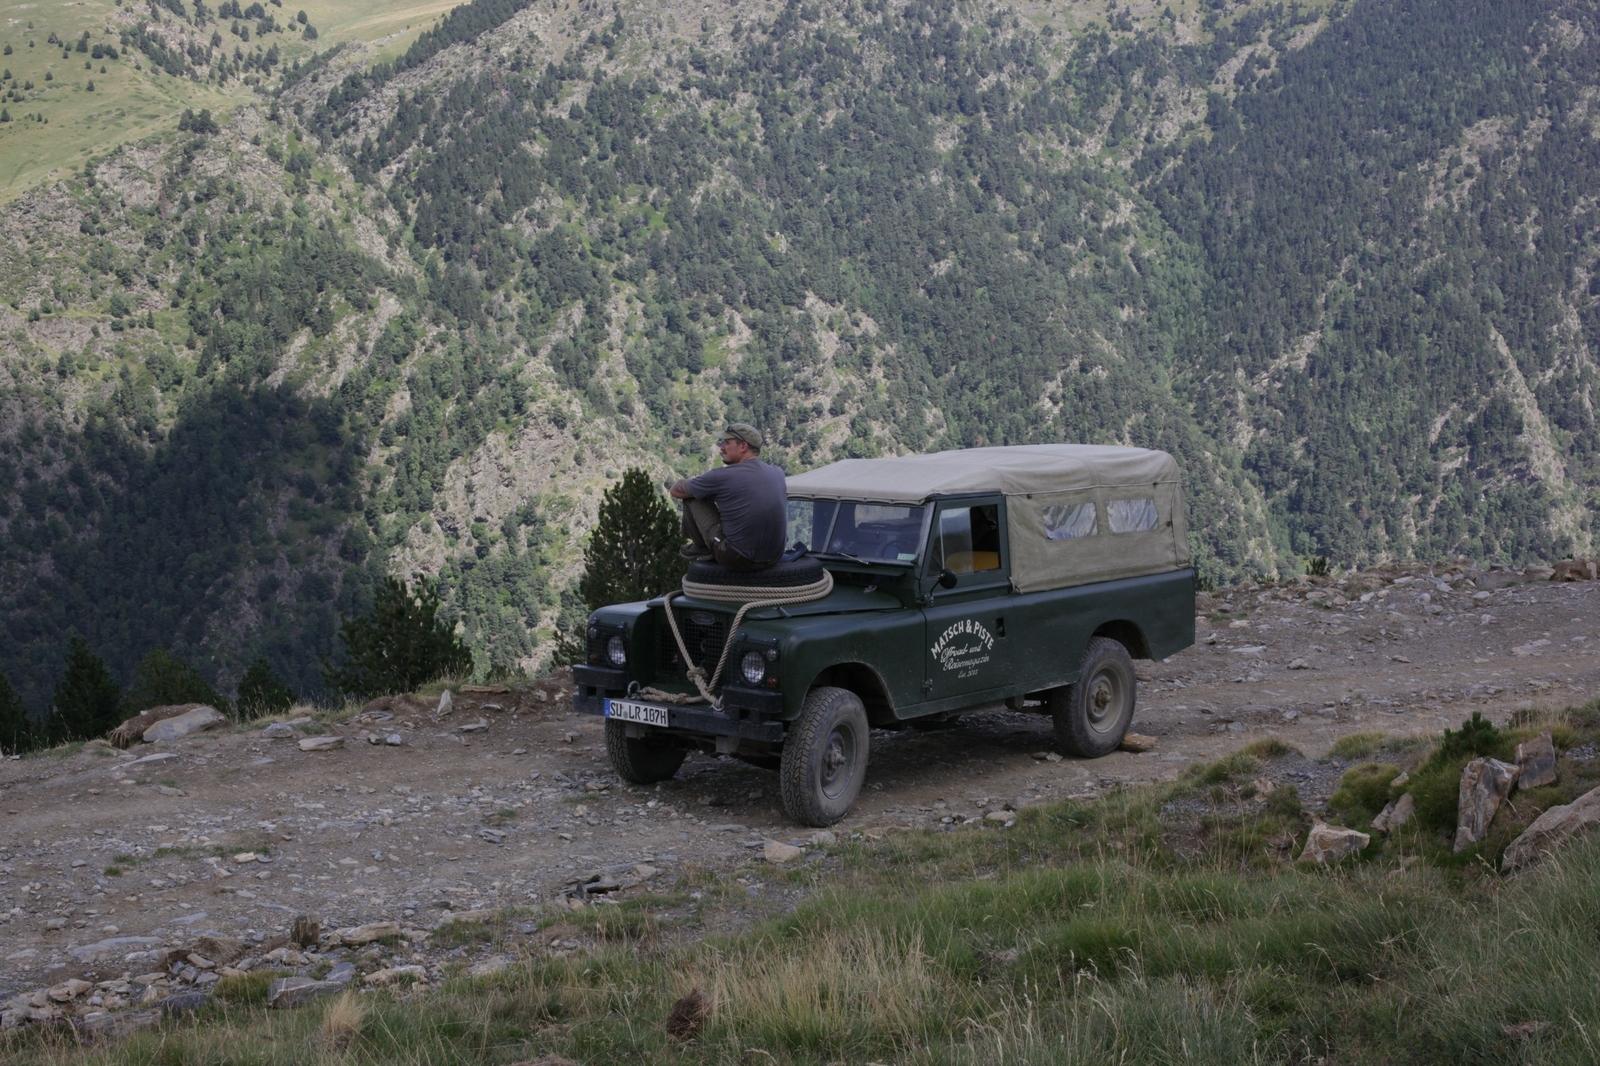 Im Oldtimer offroad durch die Pyrenäen - Zeit zum Durchatmen und um die Seele baumeln zu lassen.